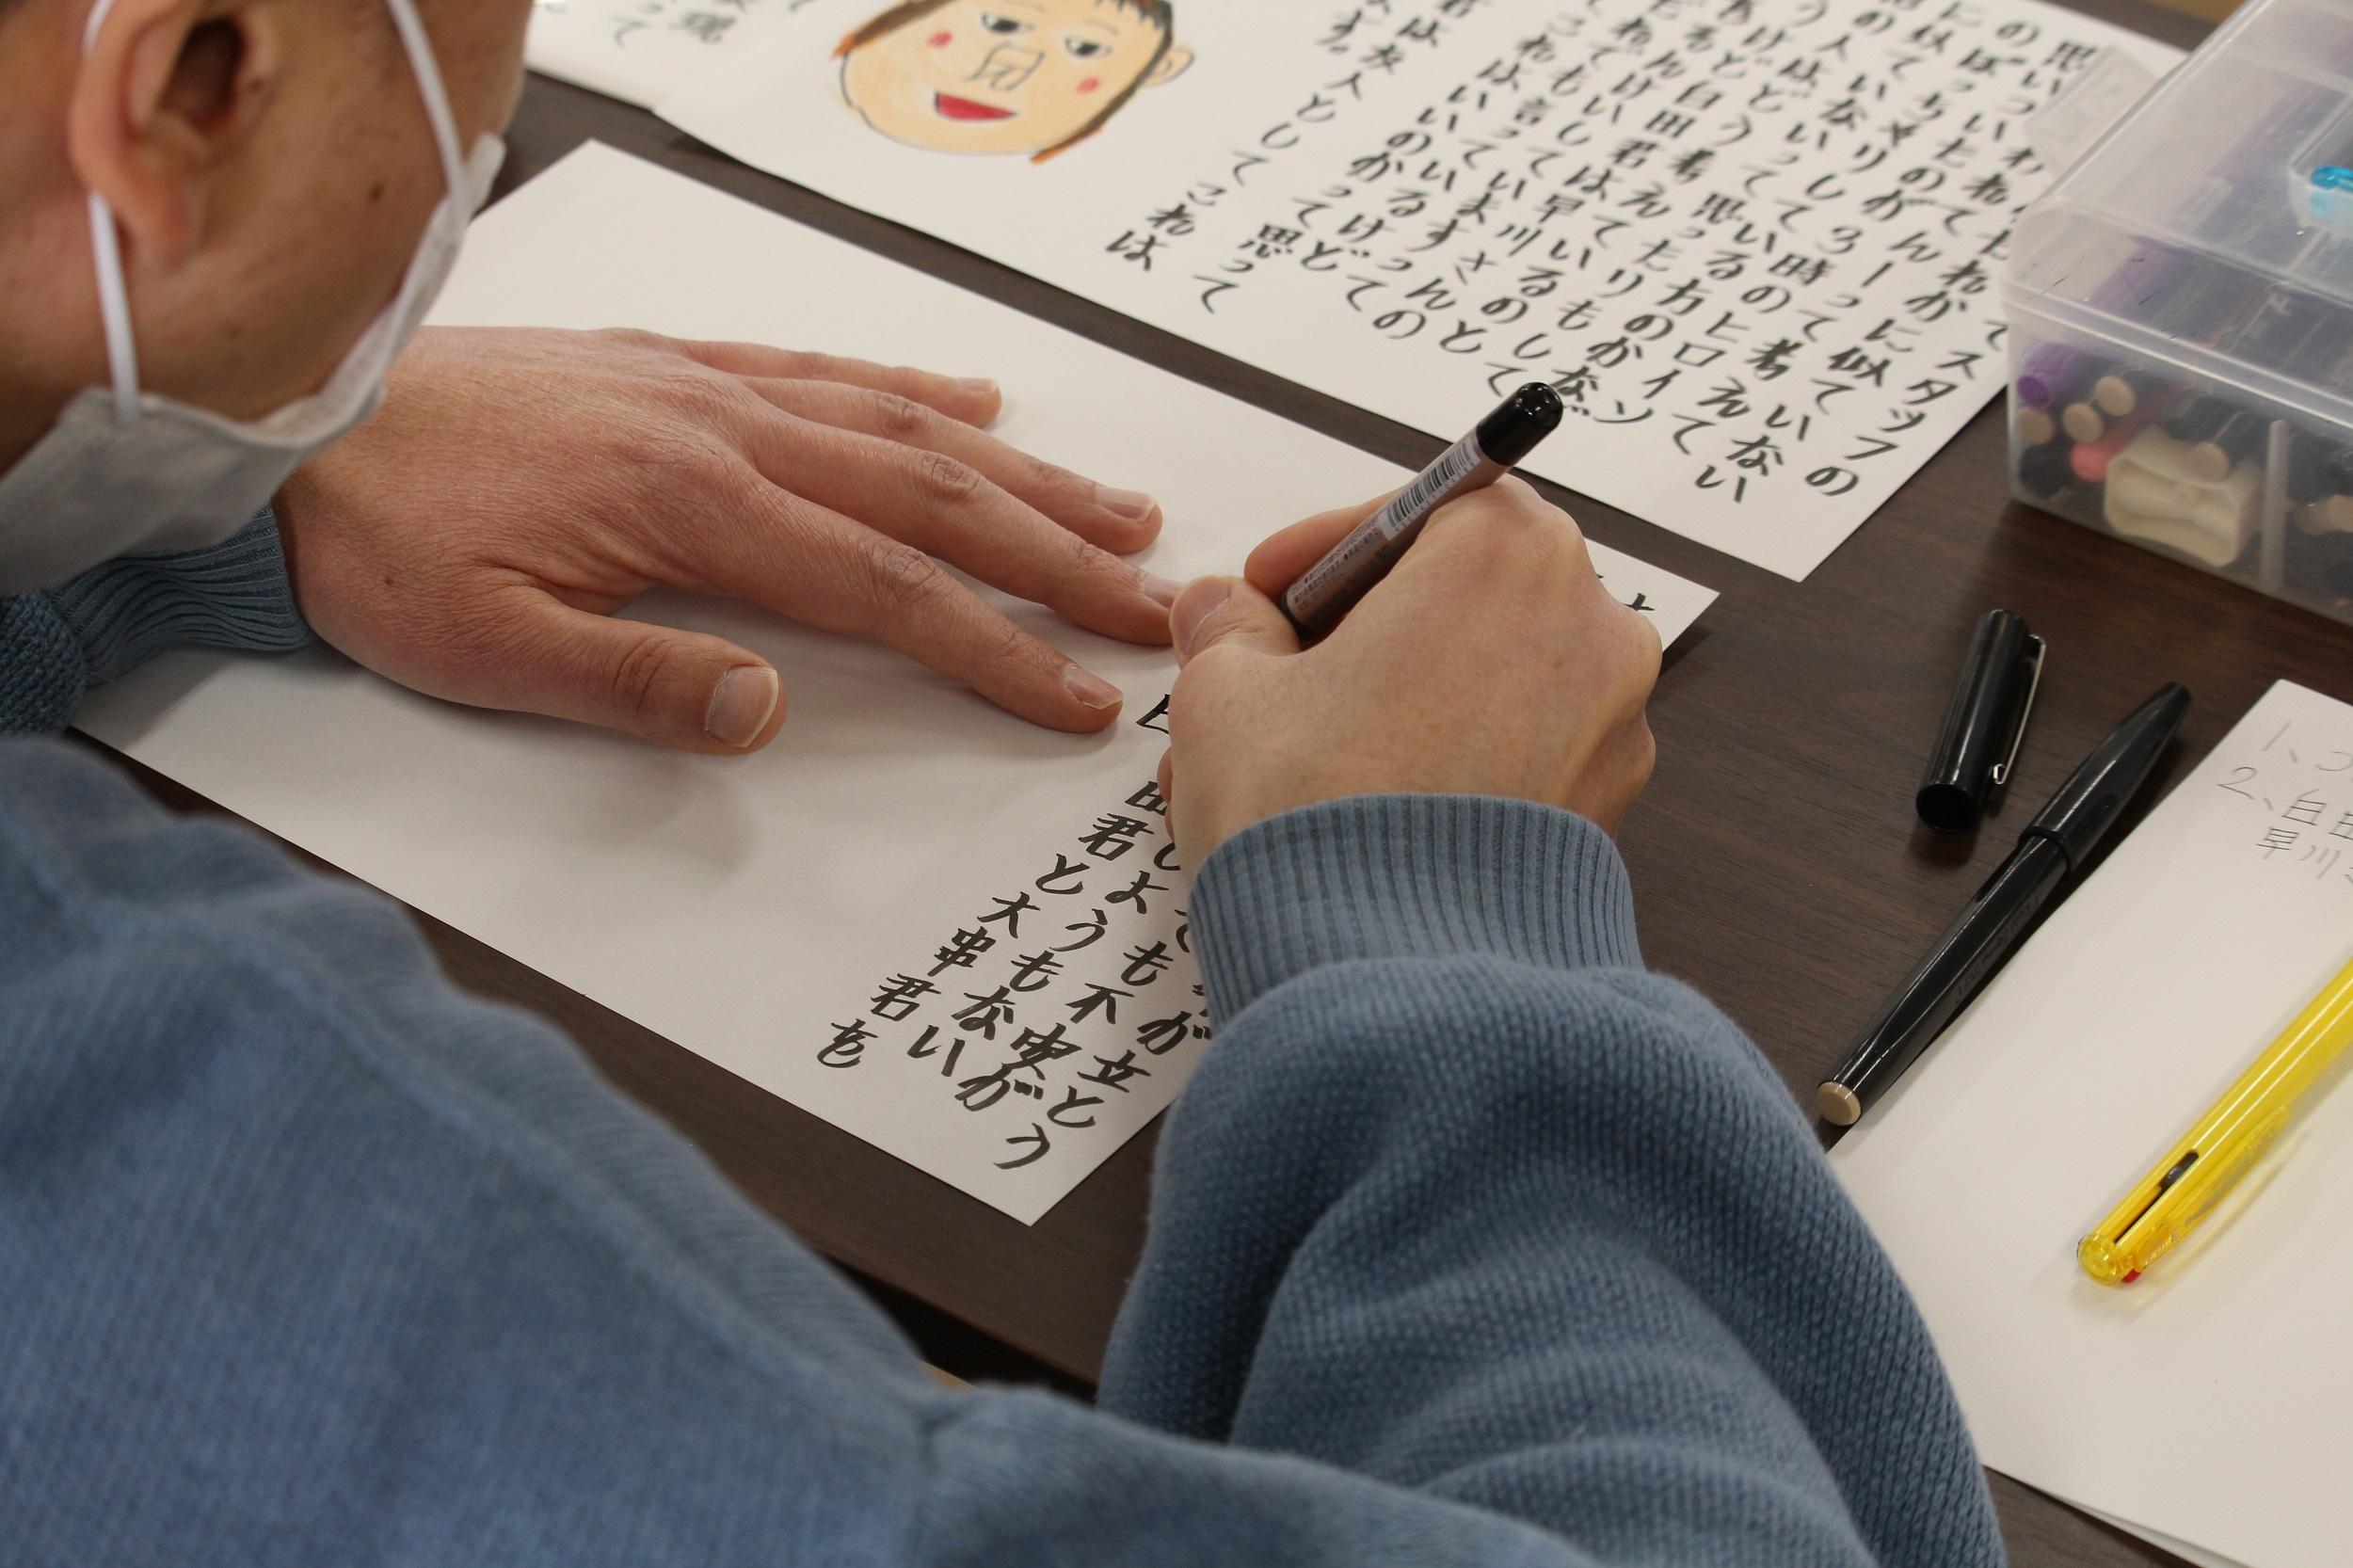 金子隆夫さんの制作風景を動画でご紹介します